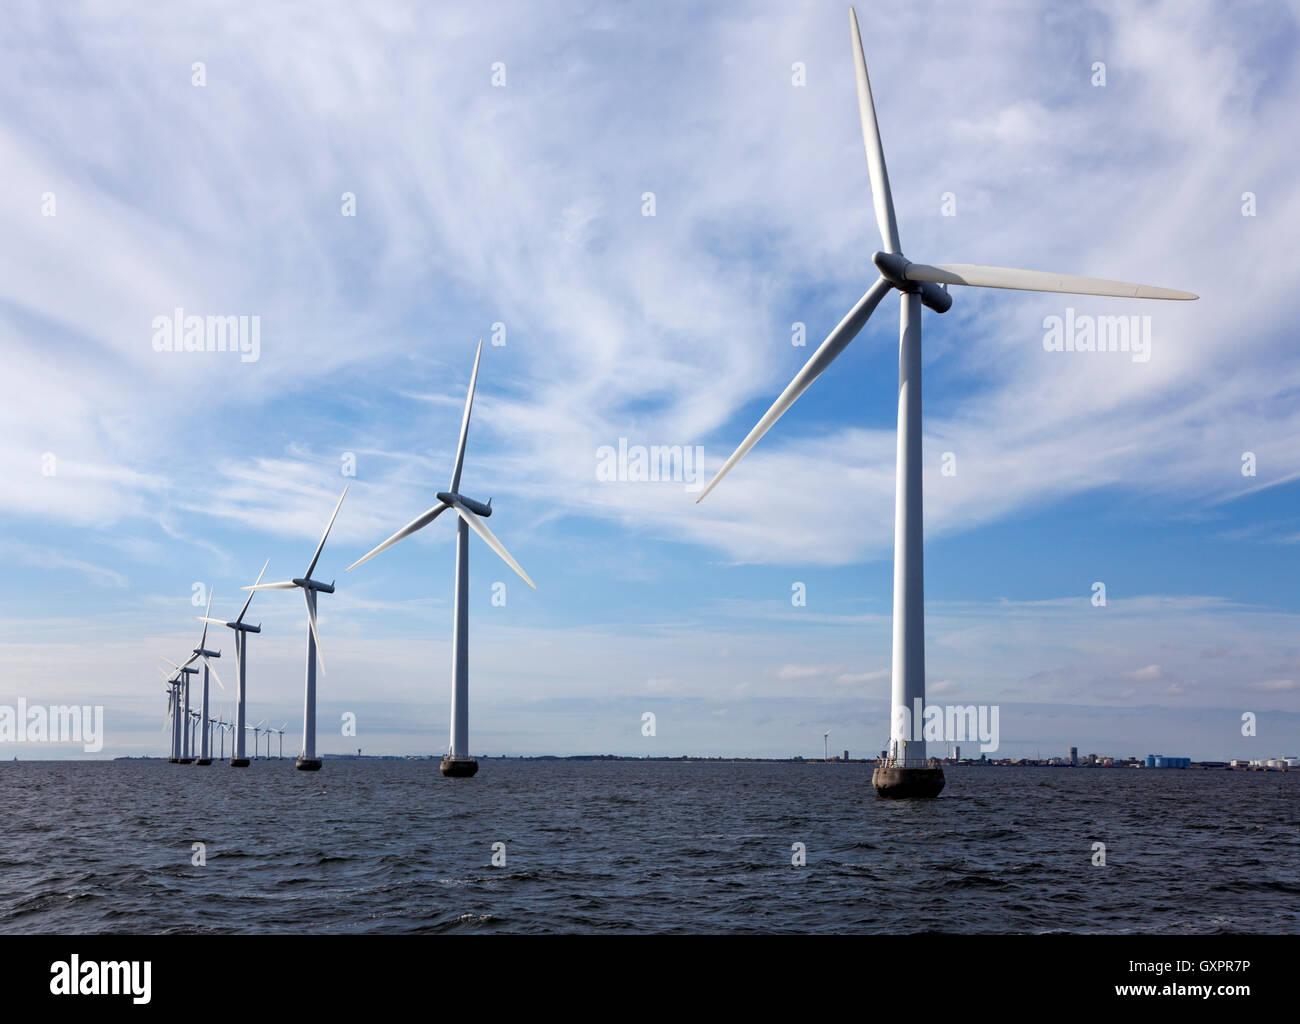 middelgrunden-offshore-wind-farm-outside-copenhagen-harbour-denmark-GXPR7P.jpg